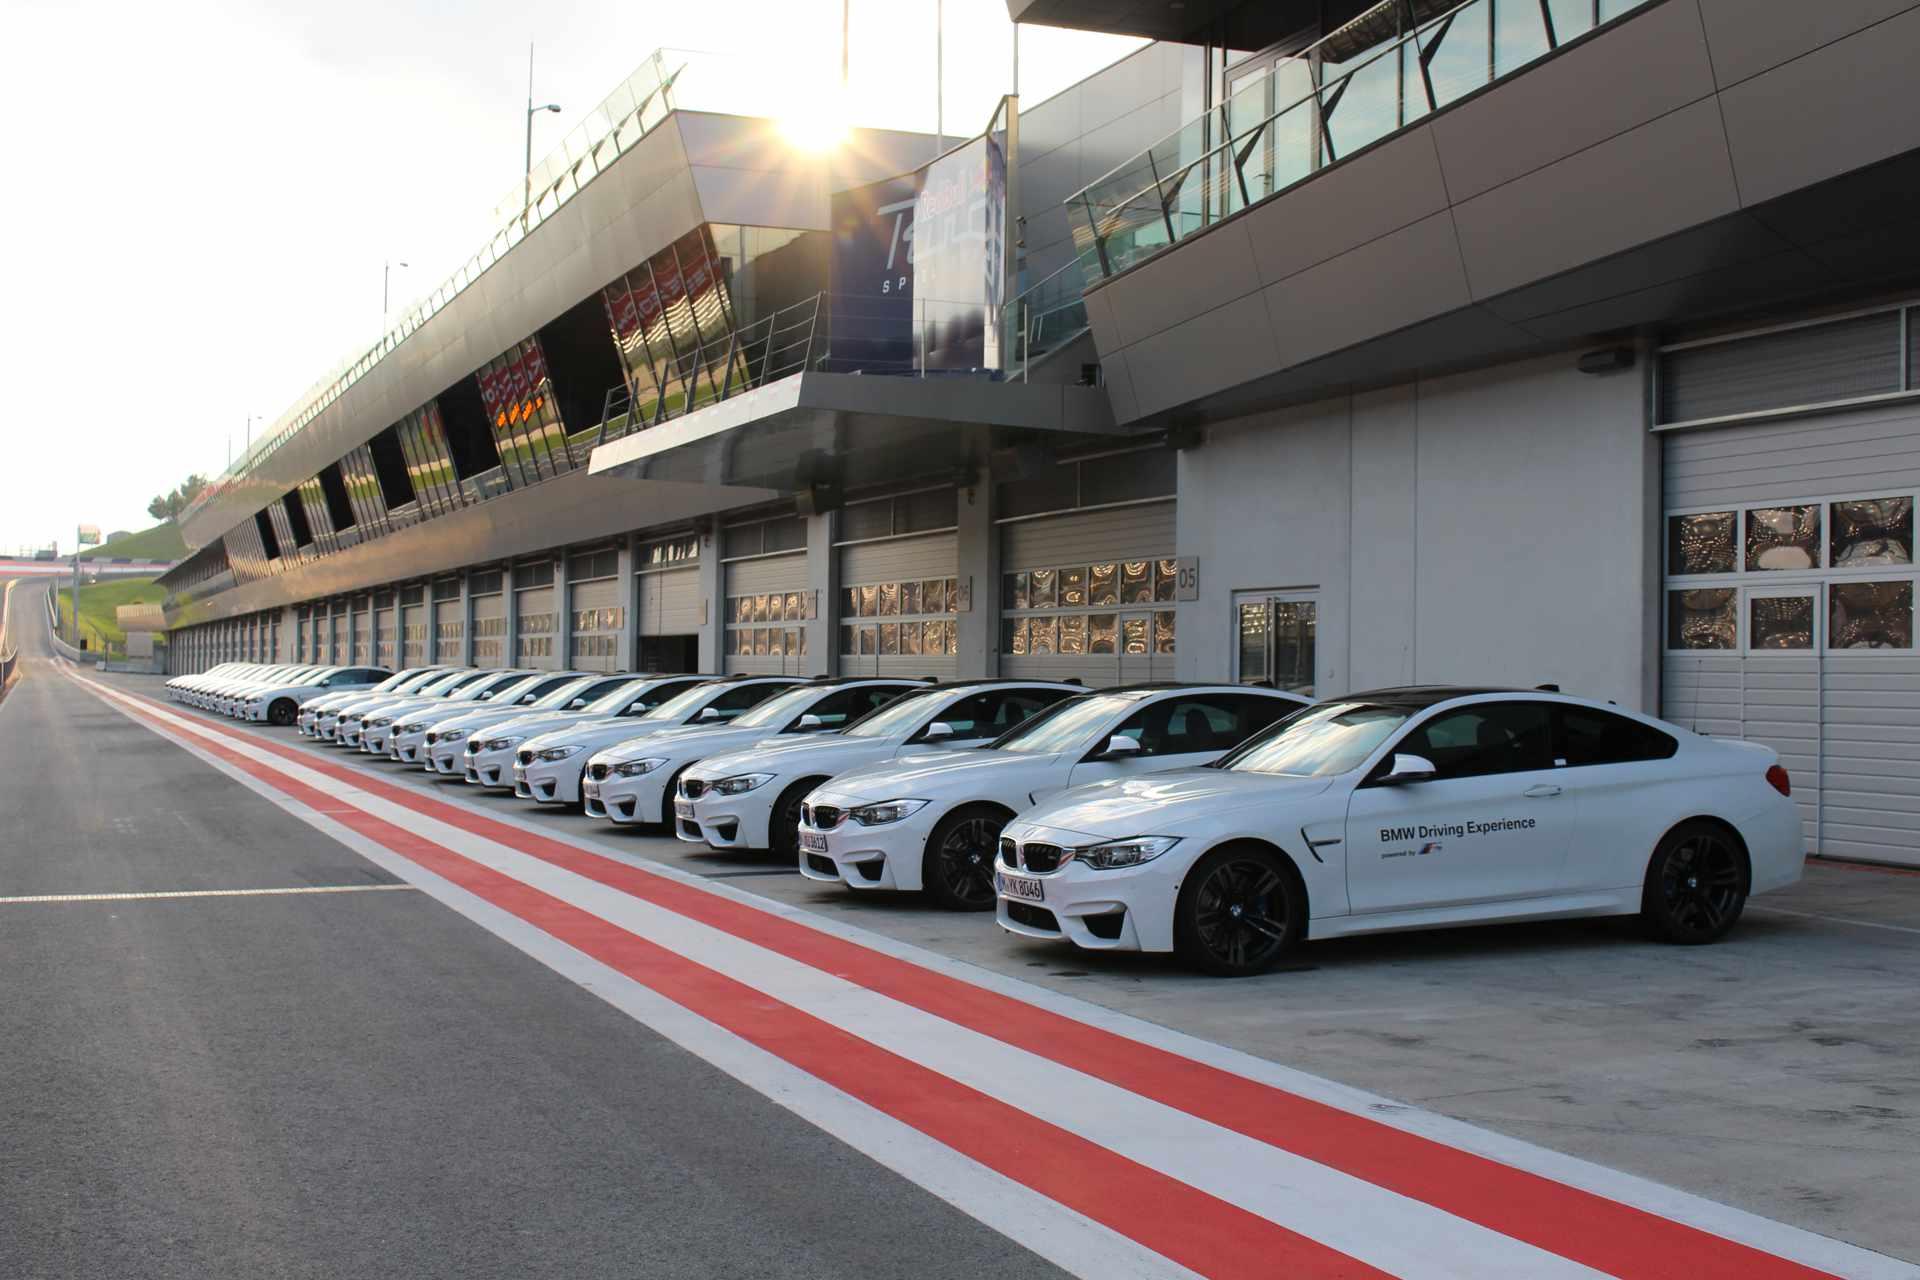 Service Automotive and Race Car